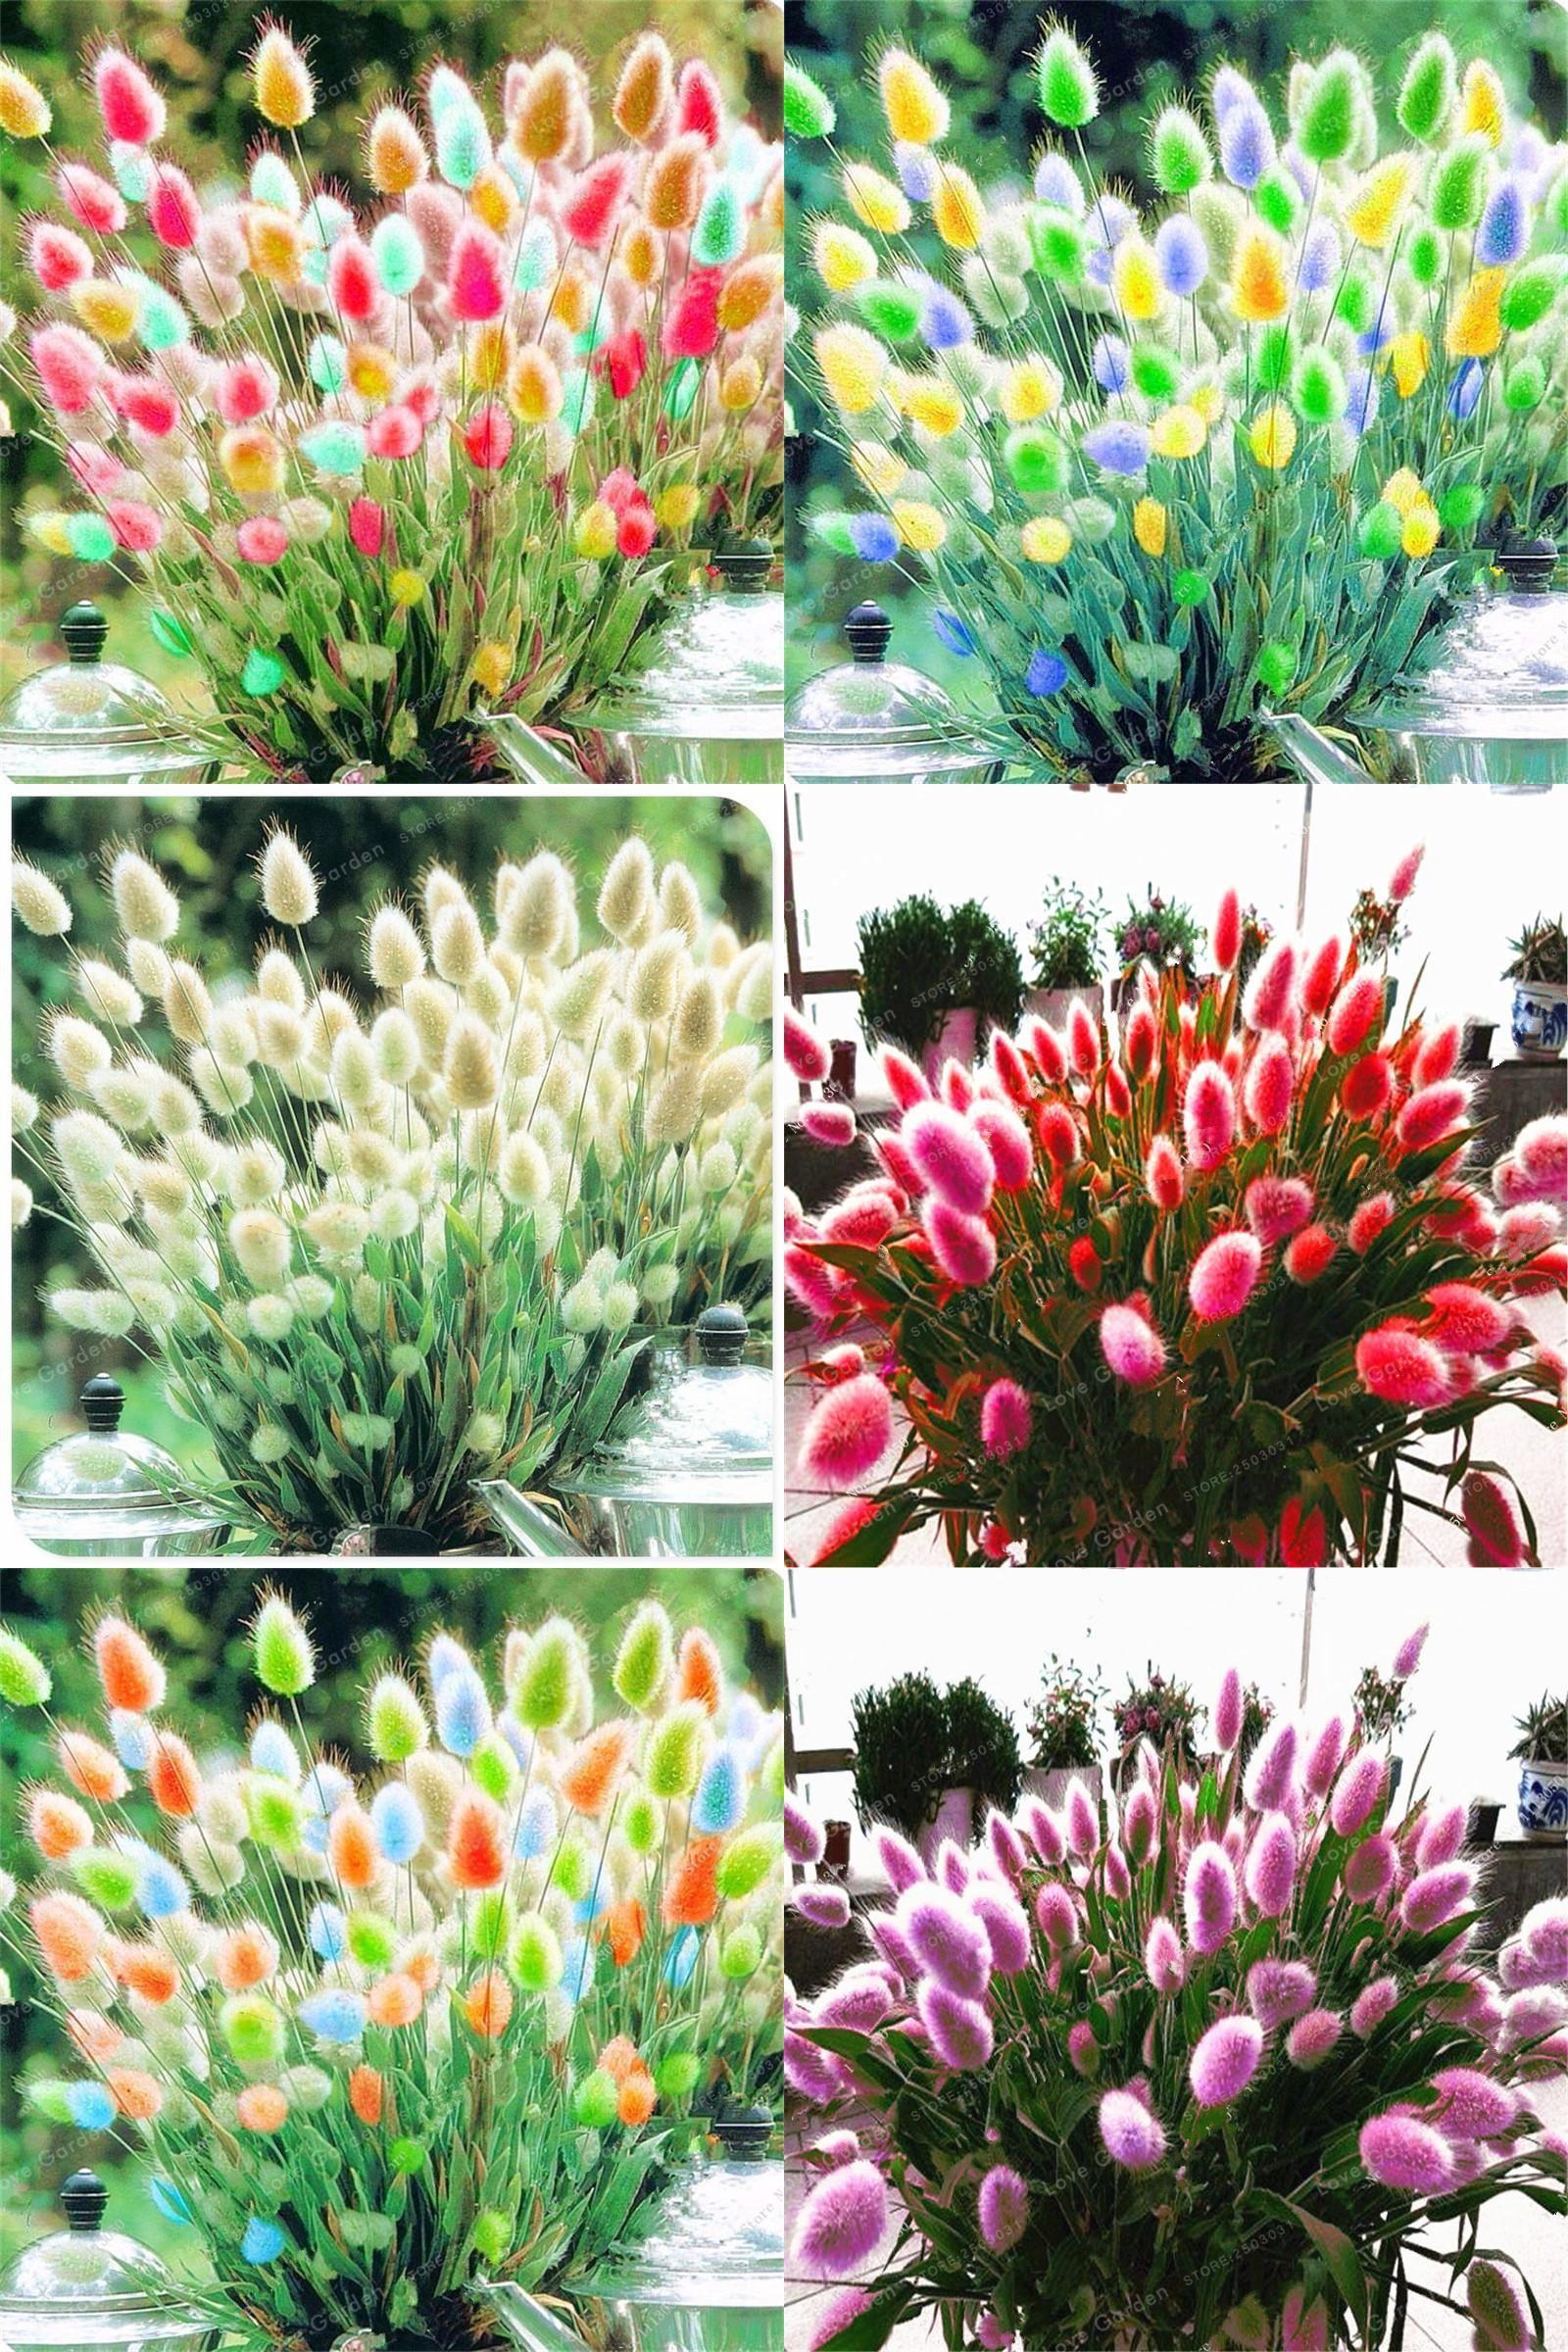 Rabbit Tail Grass Seeds Bonsai Ornamental Garden Plants Flower Rabbit Tail Grass